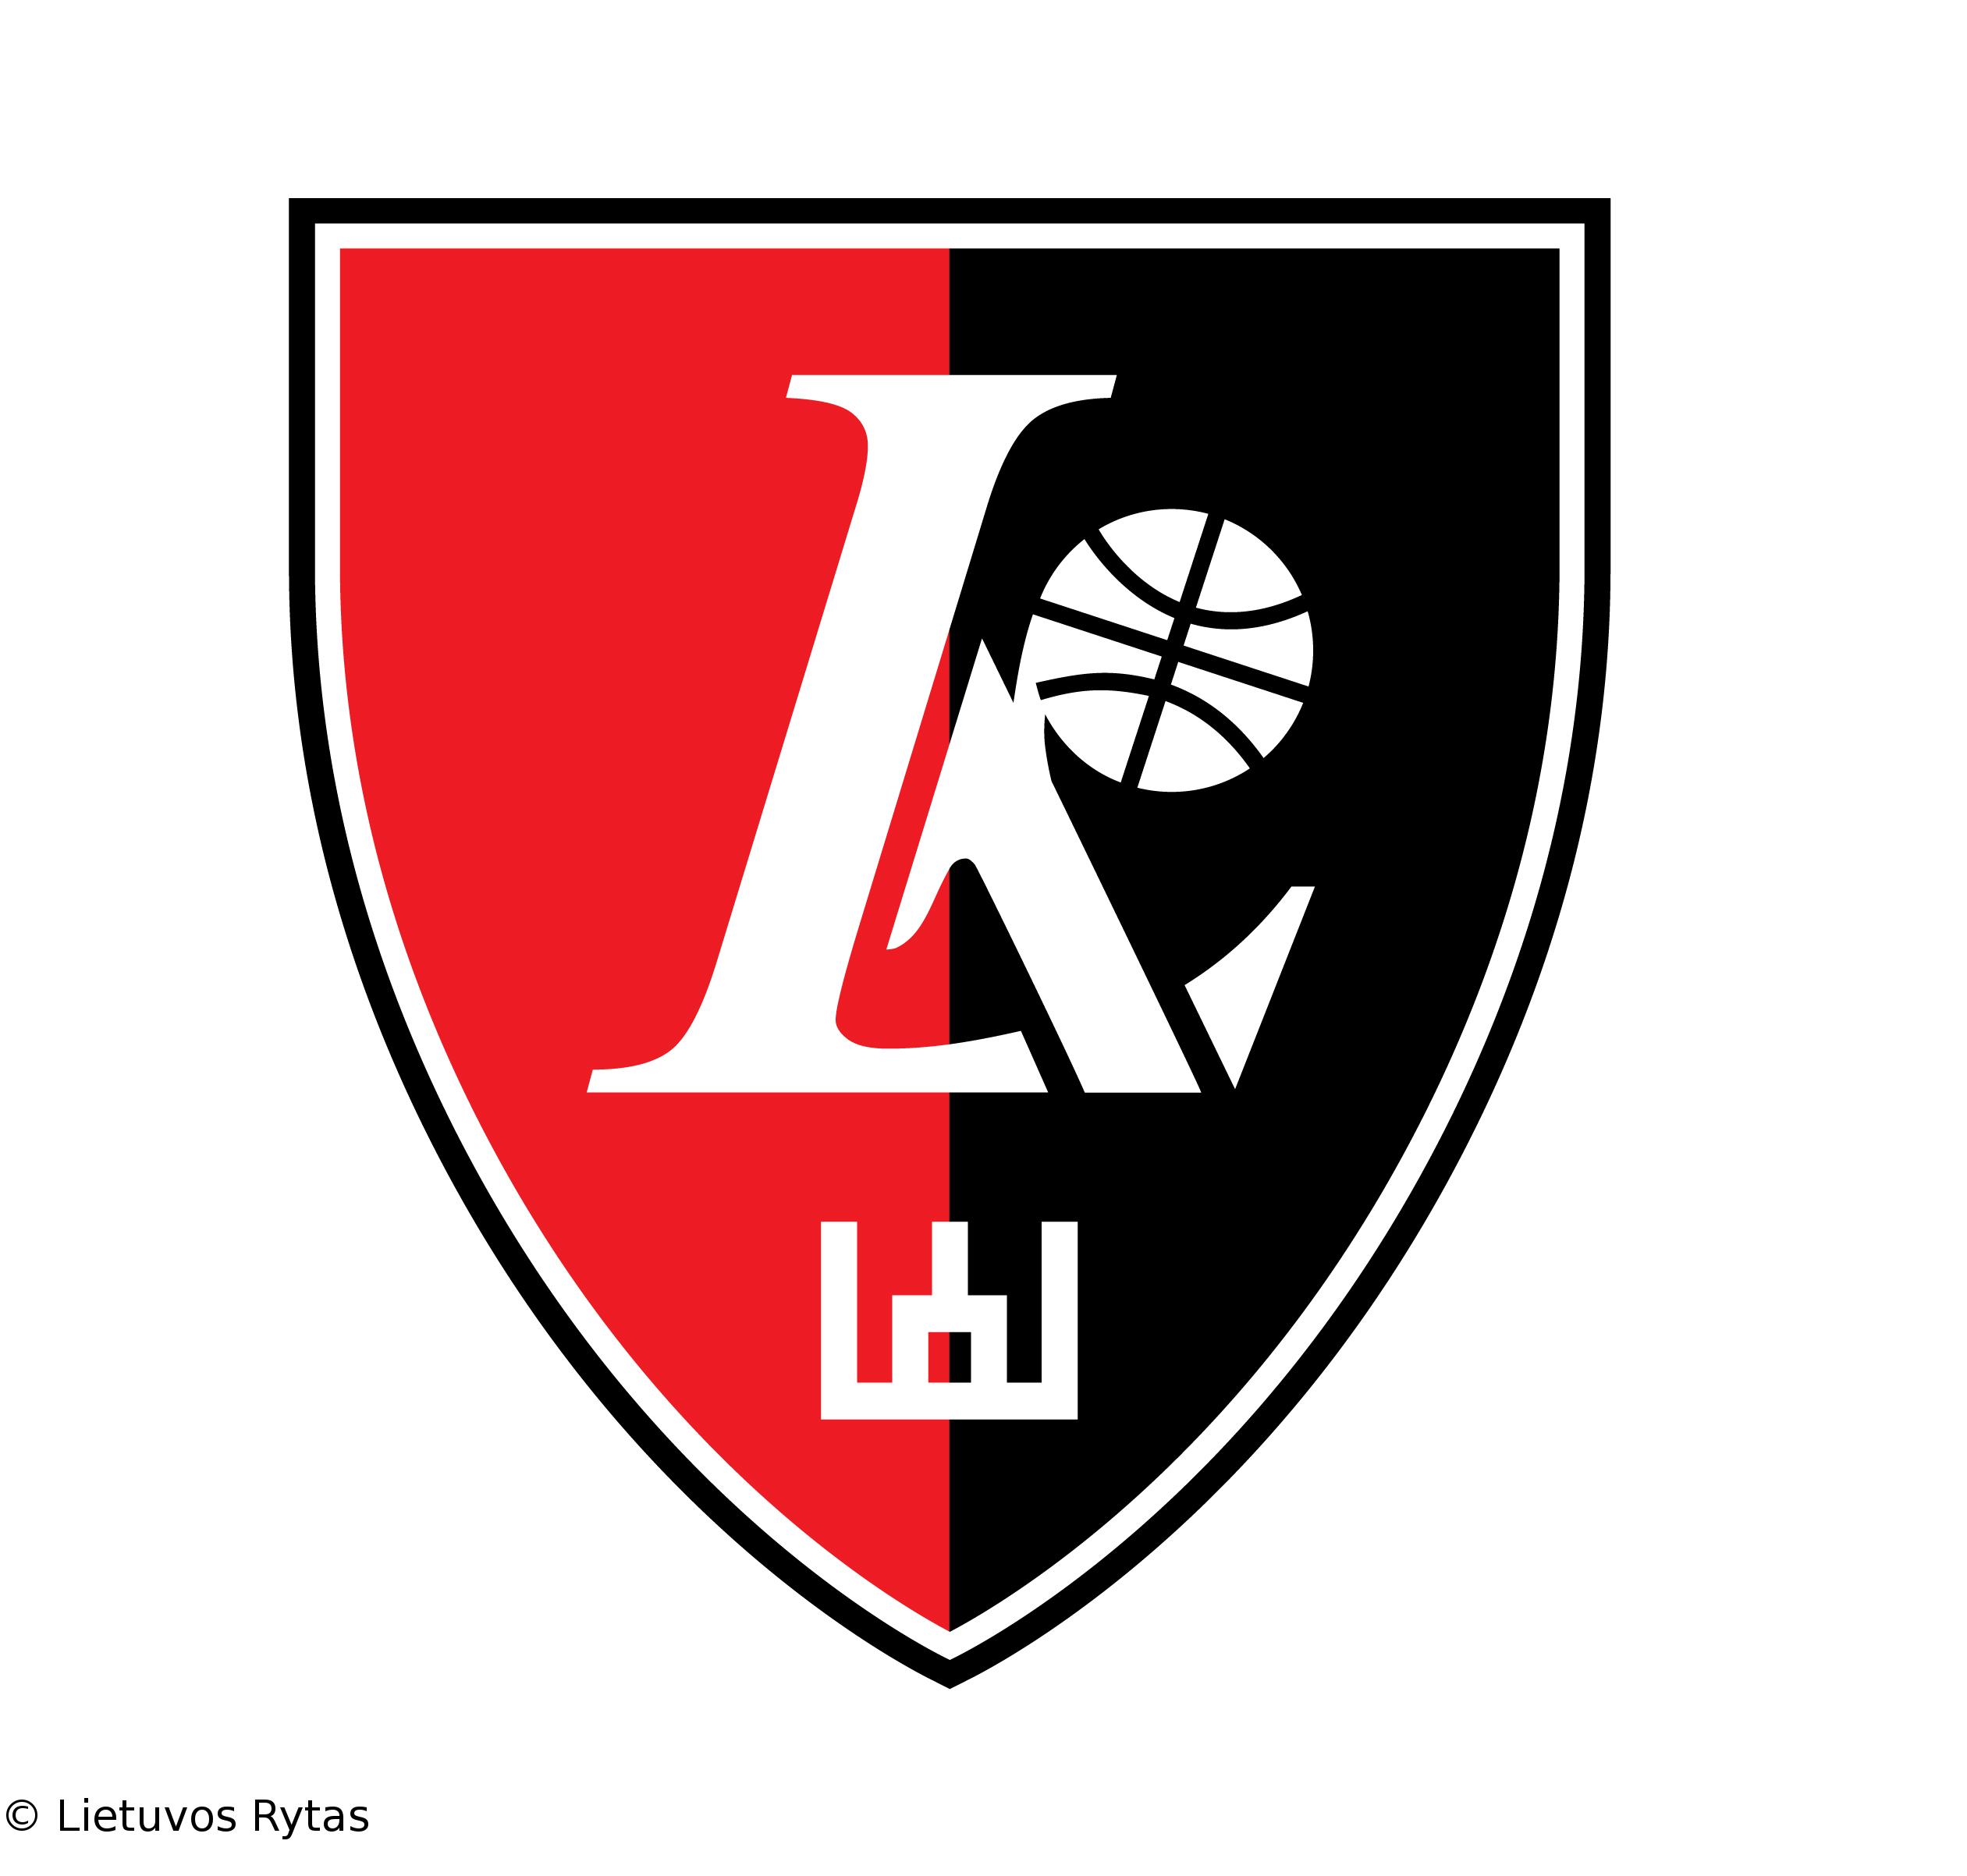 Rassismus-Eklat erschüttert die Basketballwelt – schwarze Spieler sollen für Niederlage verantwortlich sein